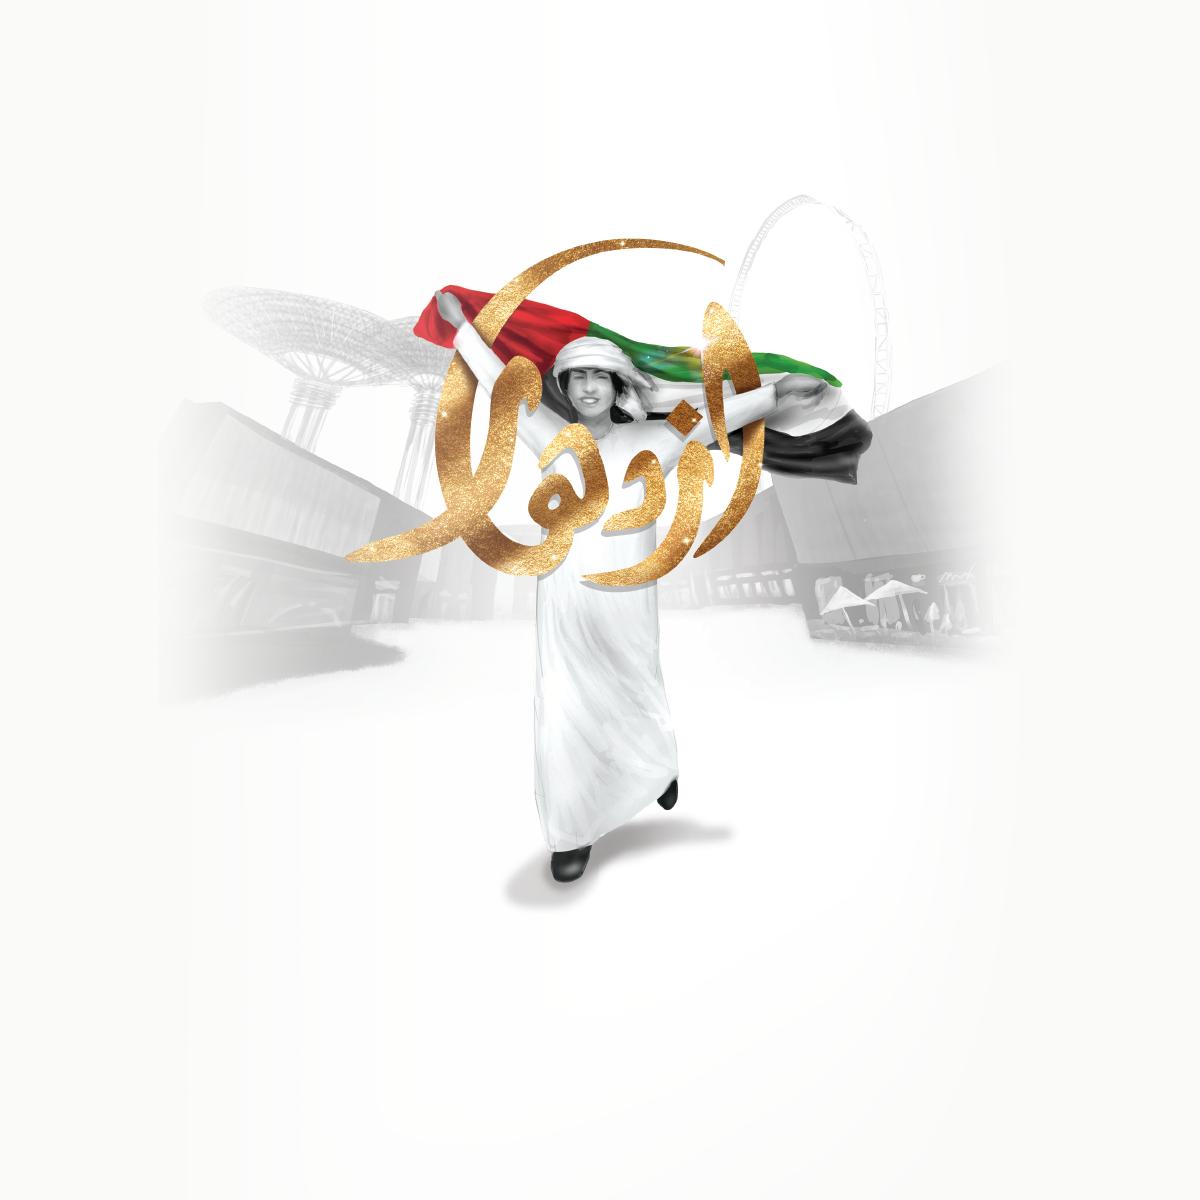 أعمال للفنان الإماراتي سلطان الشامسي